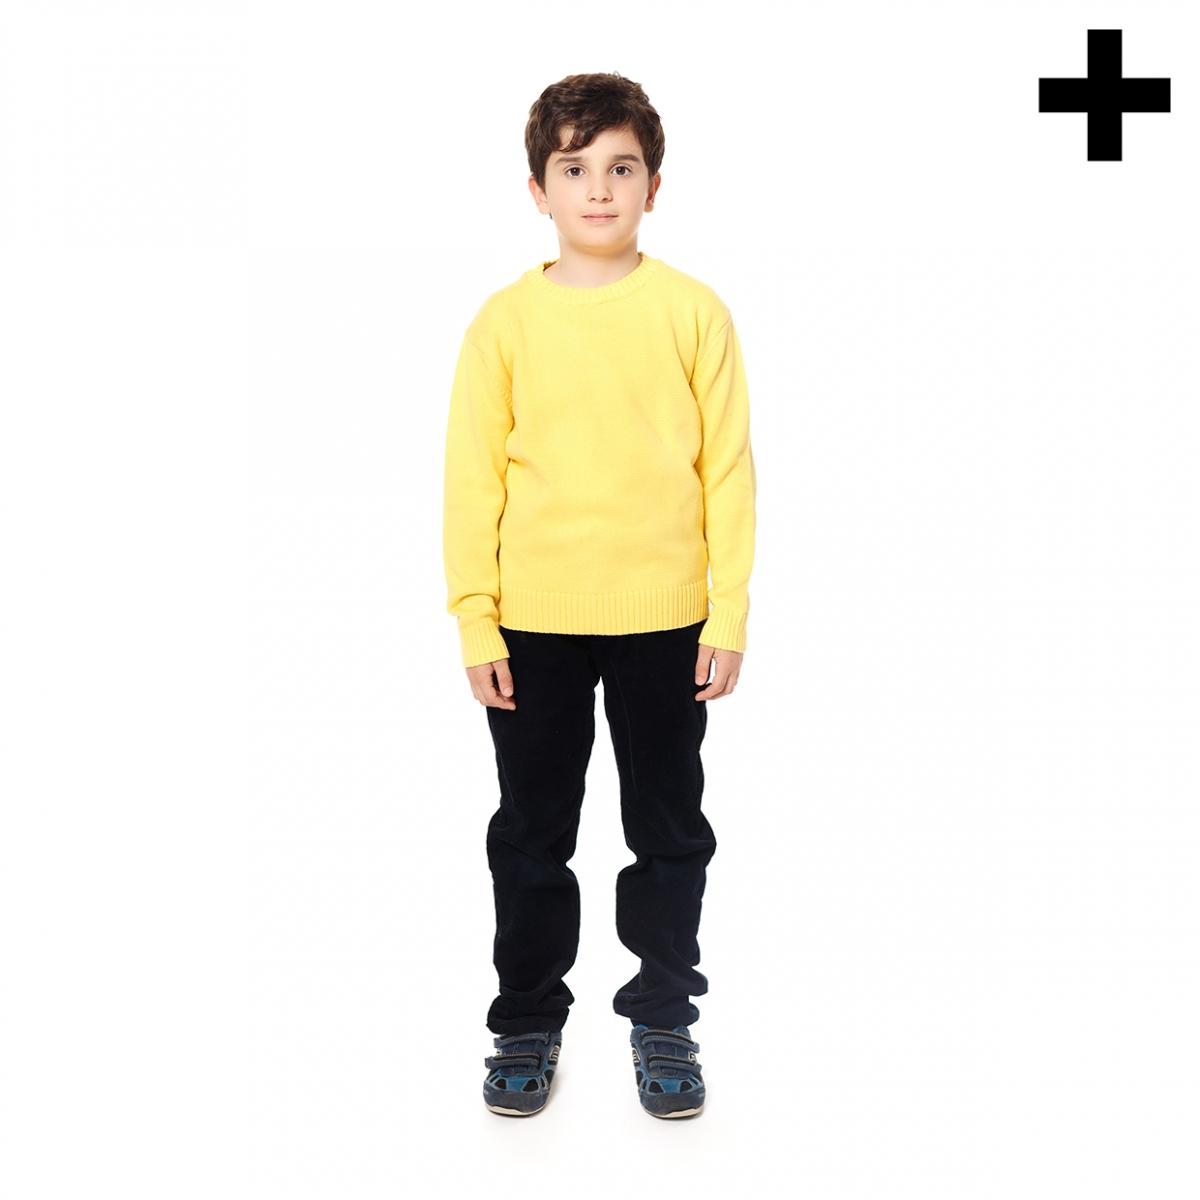 Imagen en la que se ve un niño de cuerpo entero